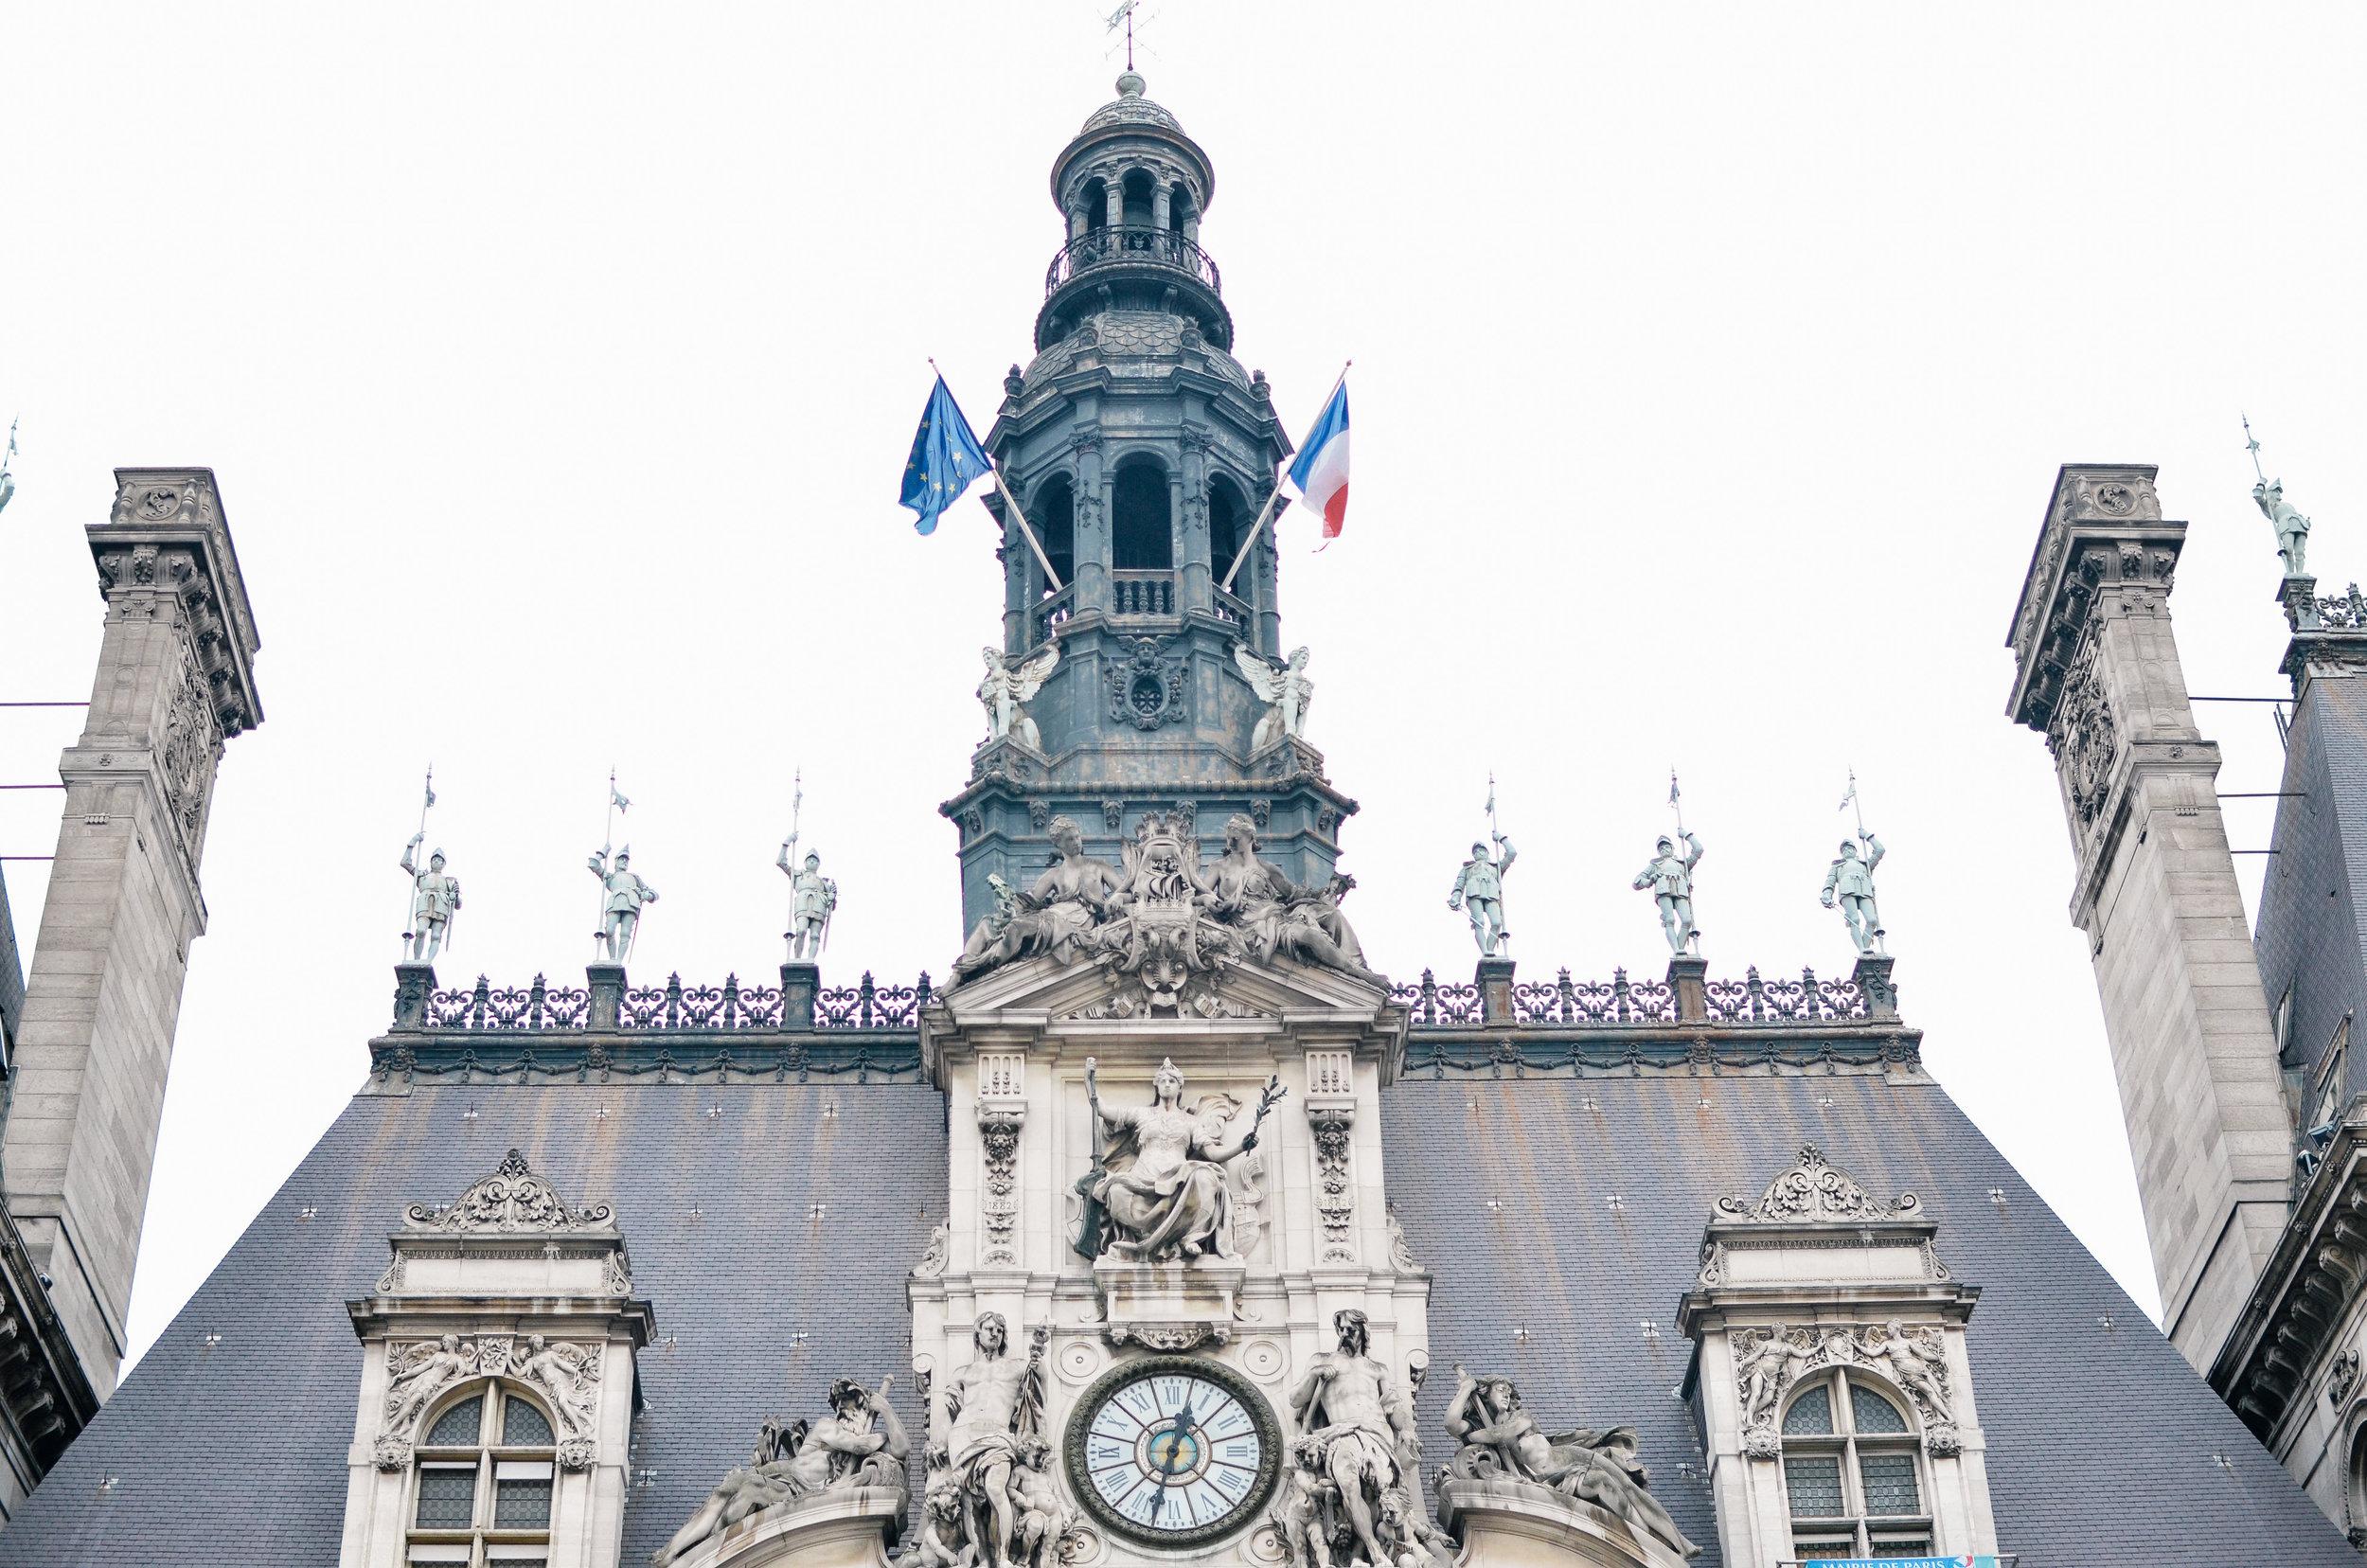 paris-france-travel-guide-lifeonpine_DSC_0499.jpg